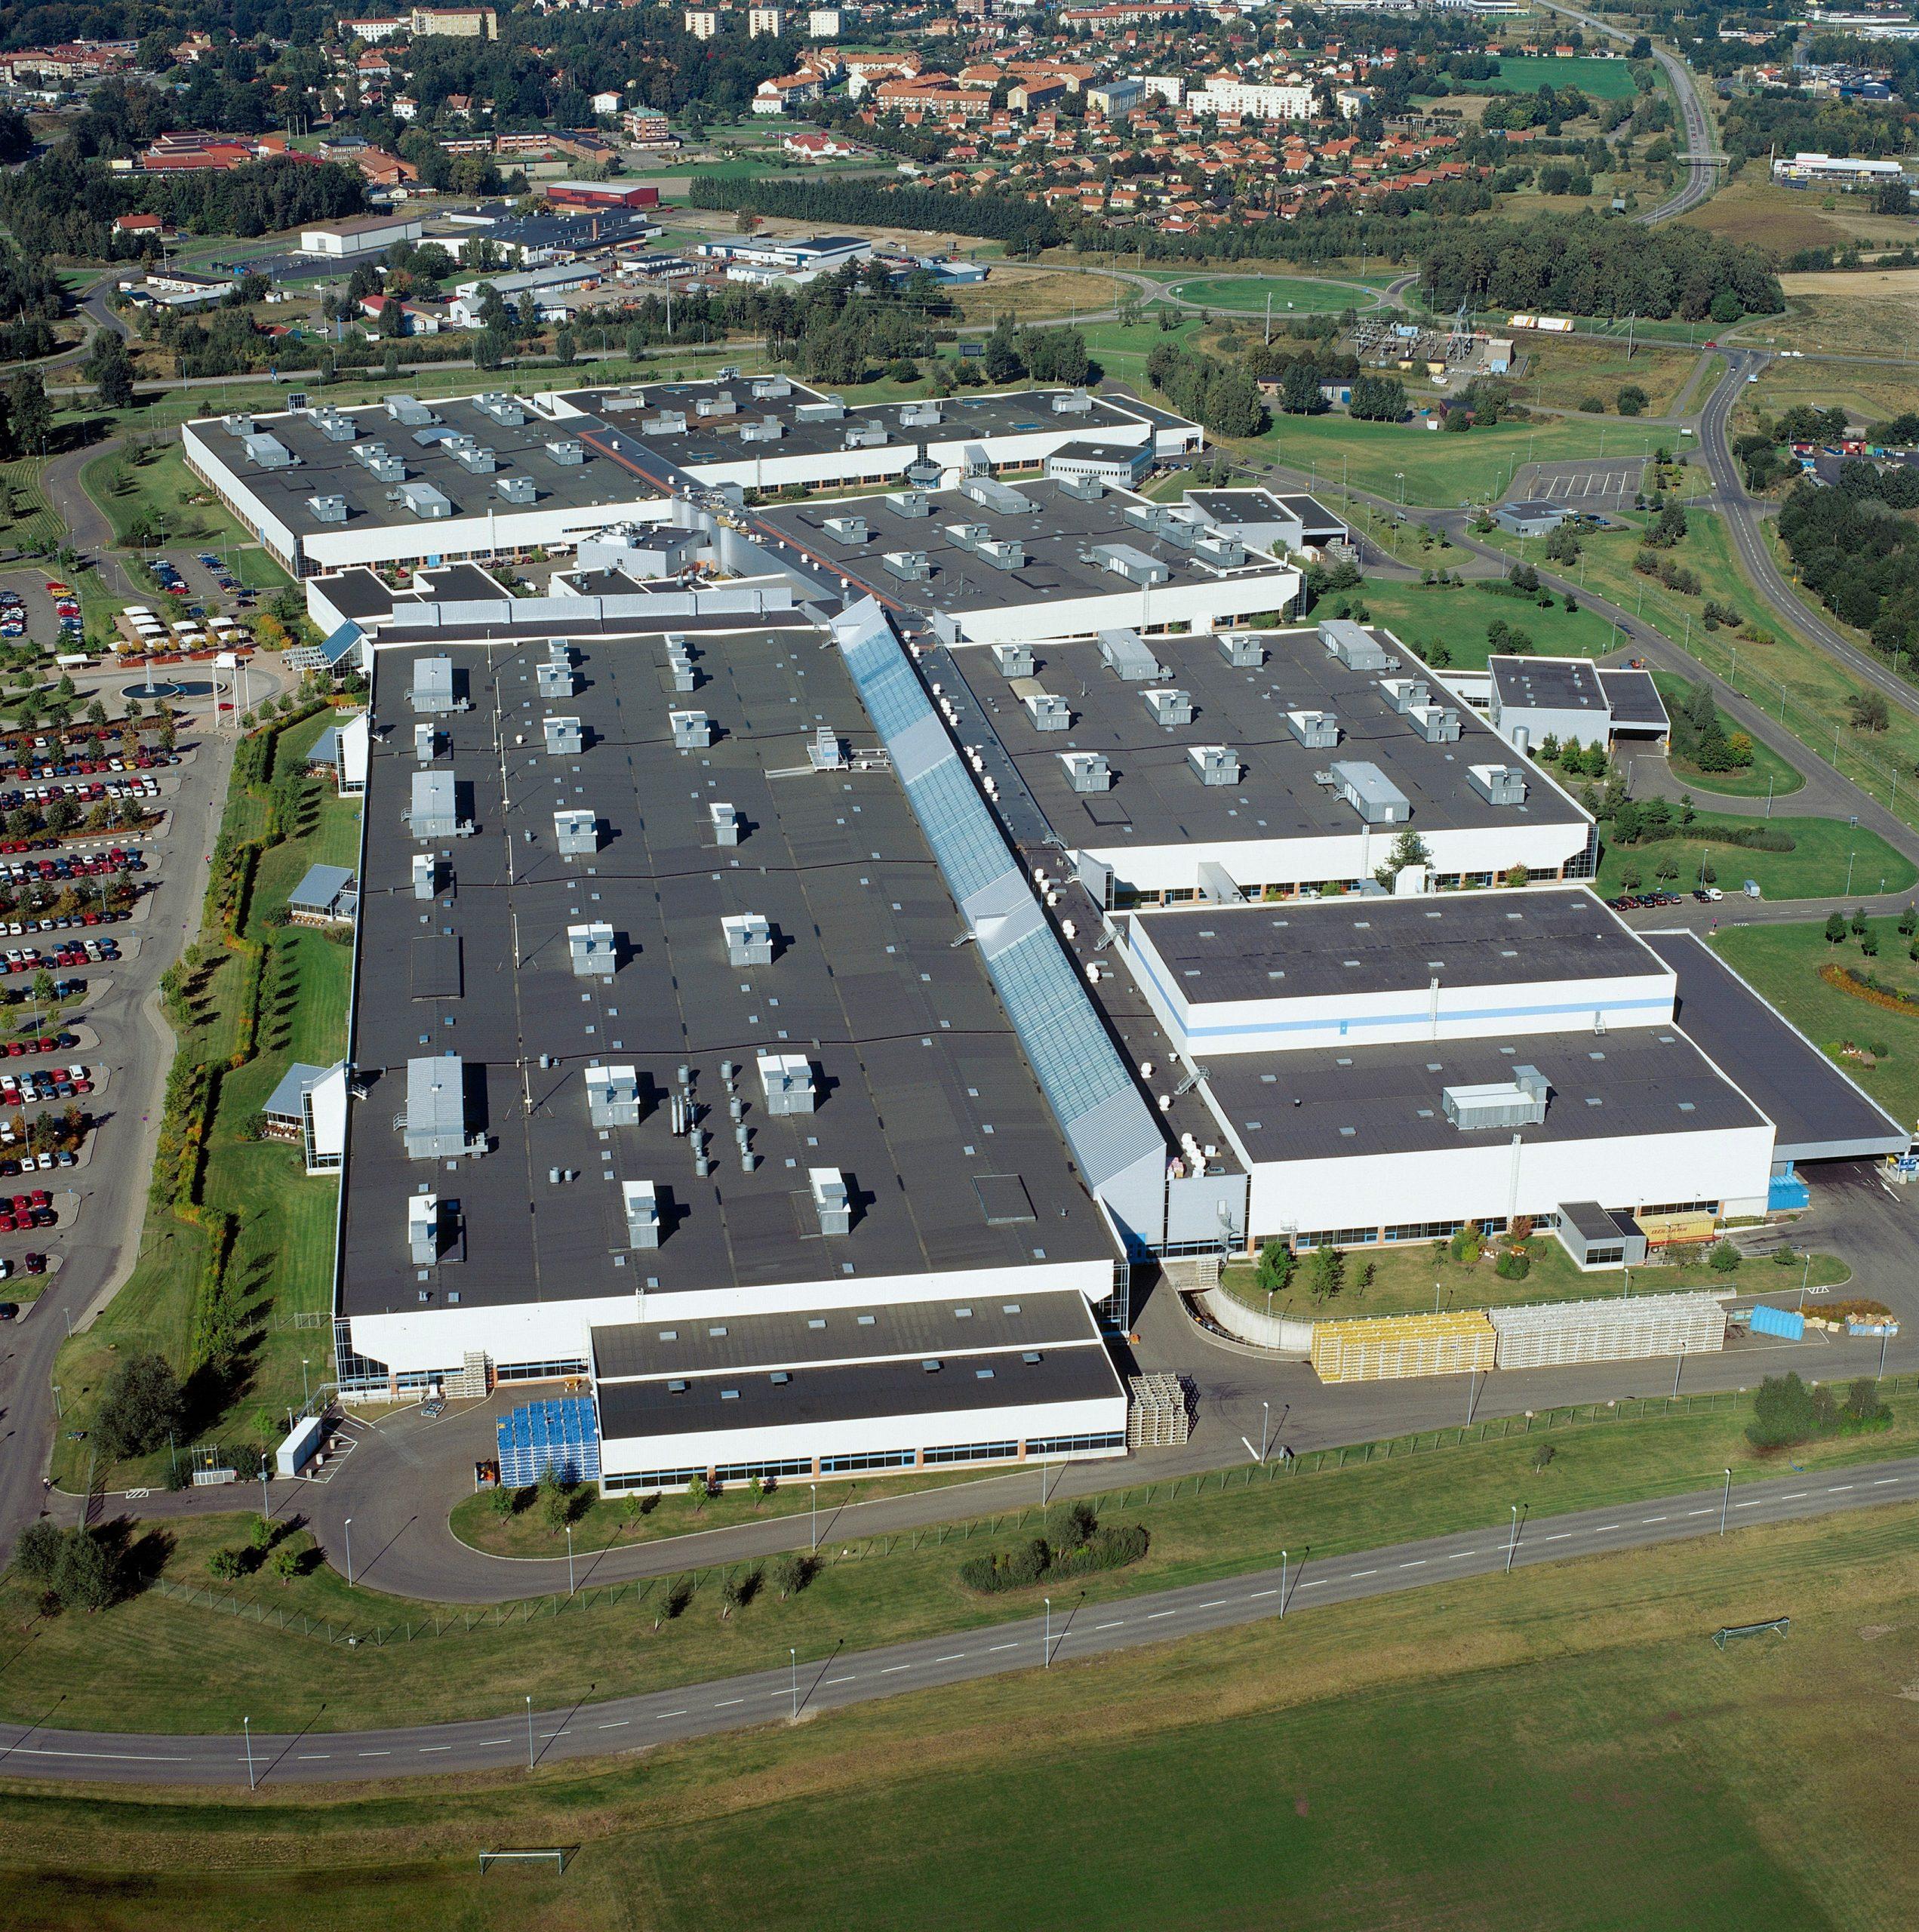 Volvo Cars sản xuất động cơ điện ở Skövde, Thụy Điển